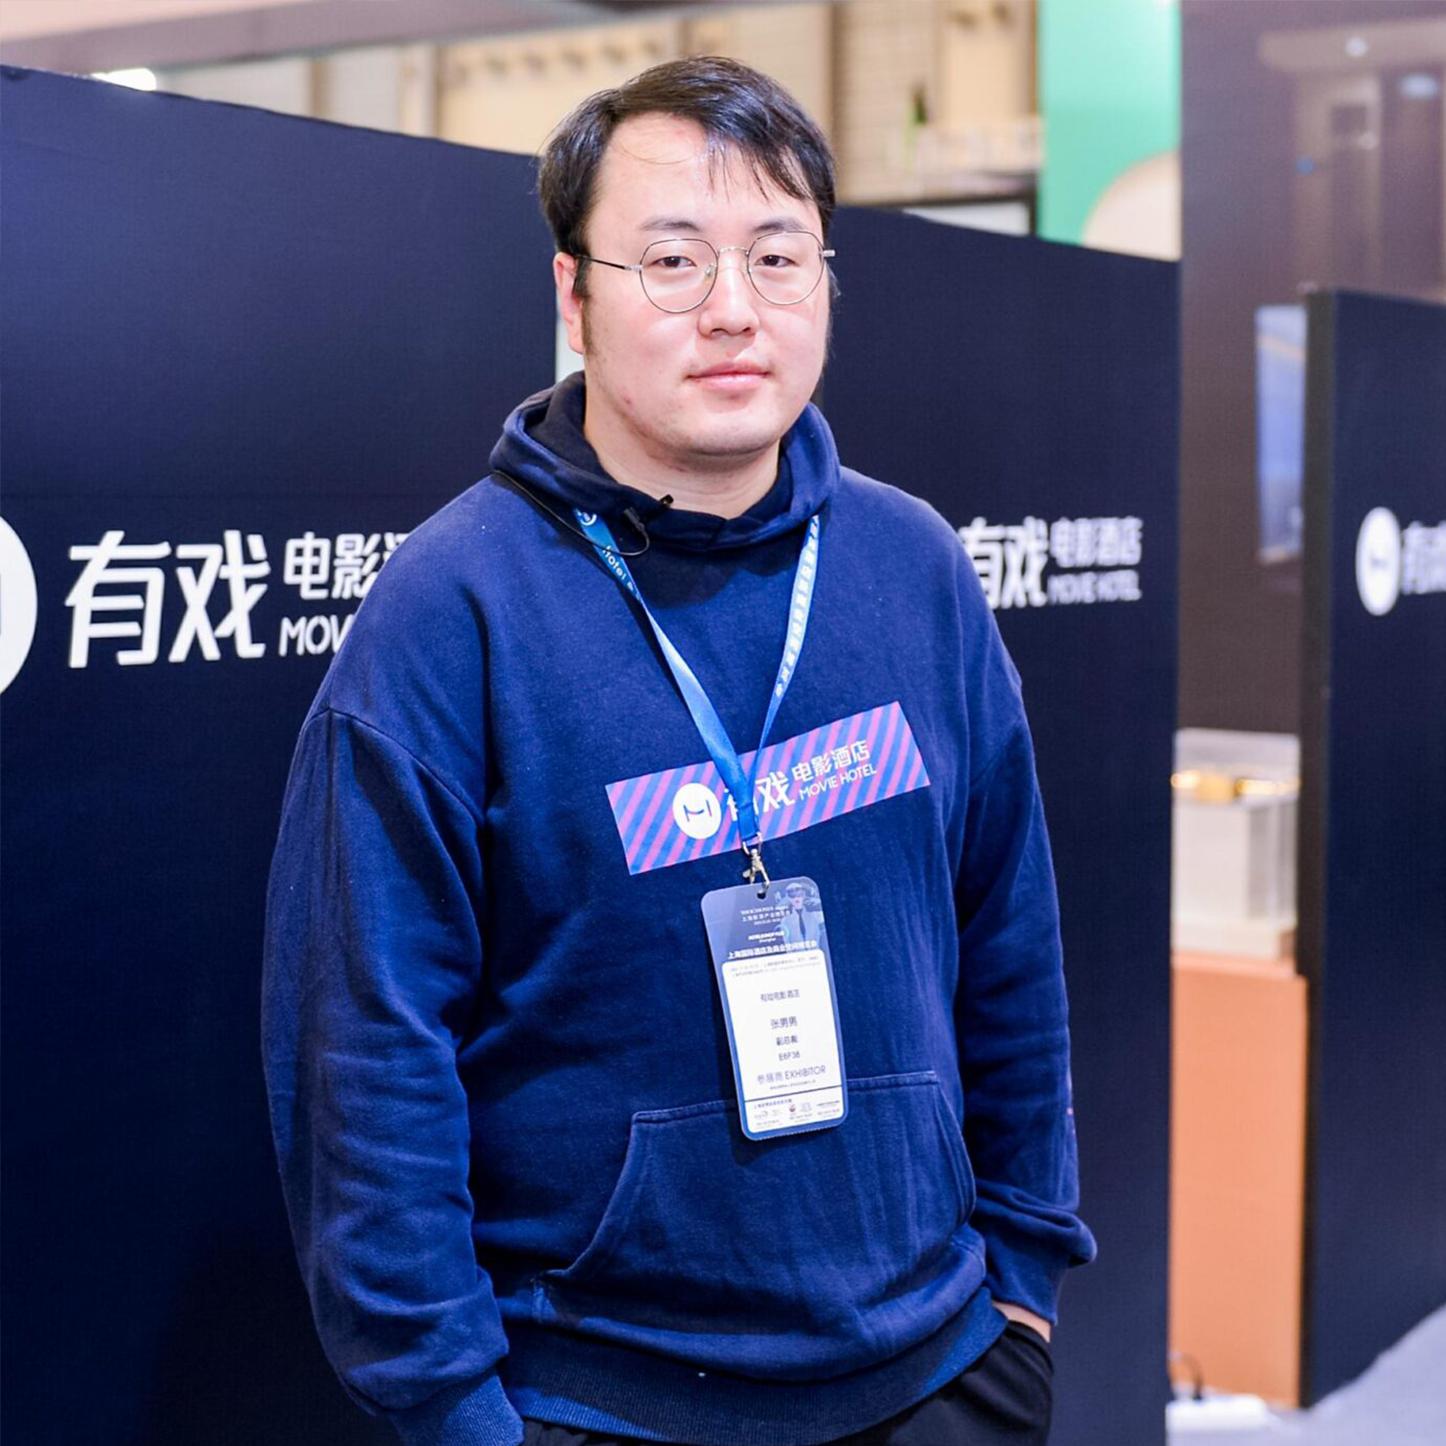 Meinan Zhang